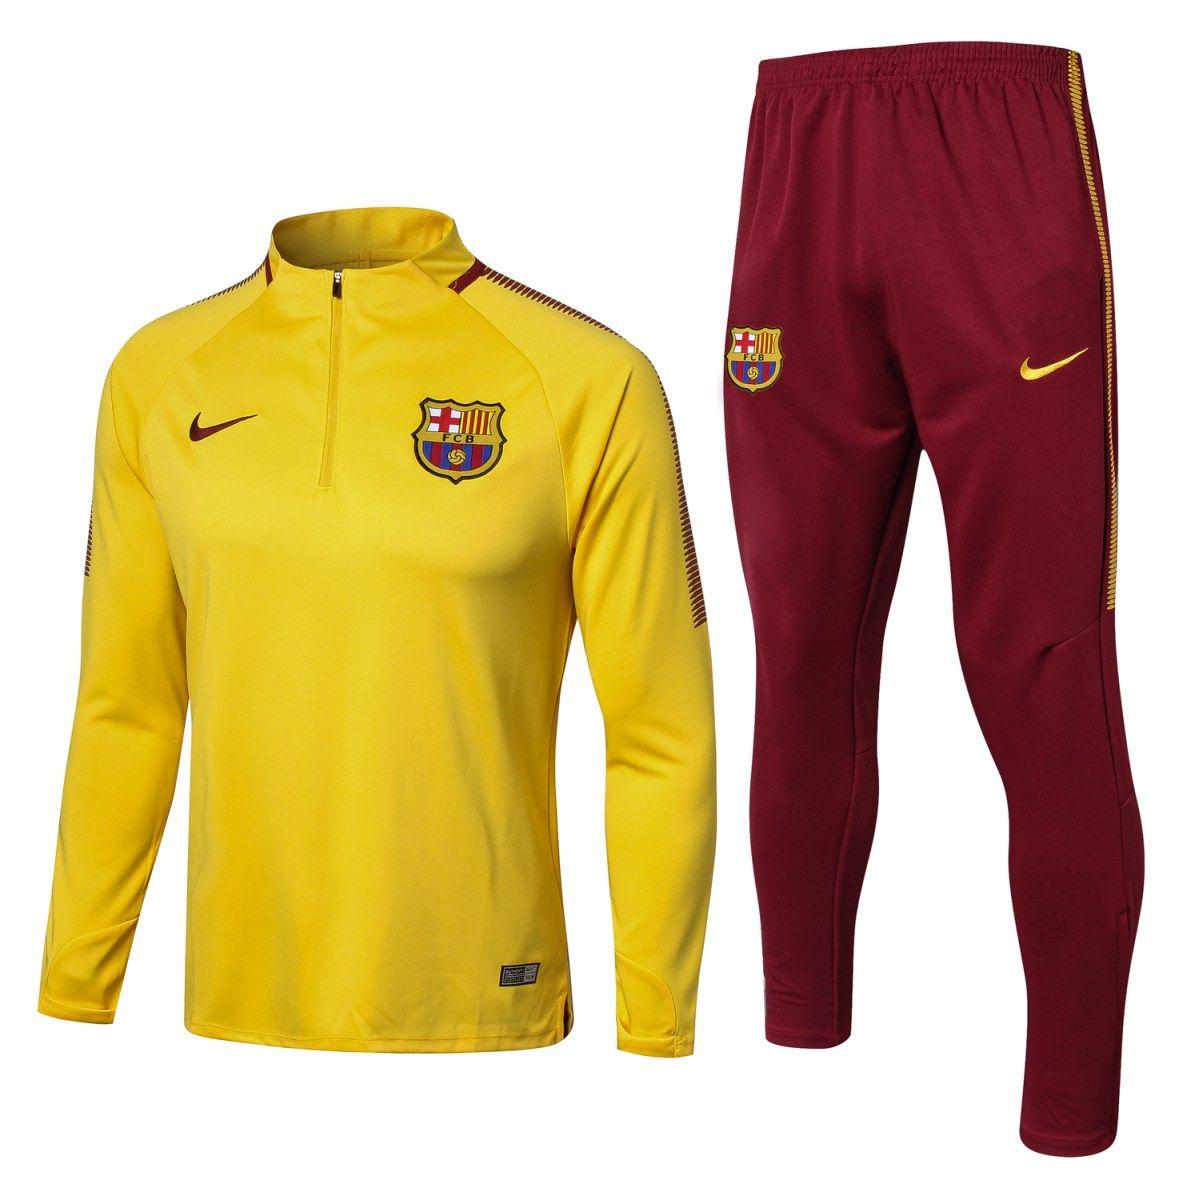 Conheça o novo agasalho de treino do Barcelona inovador!!!! de 2019 ... 26326775a48